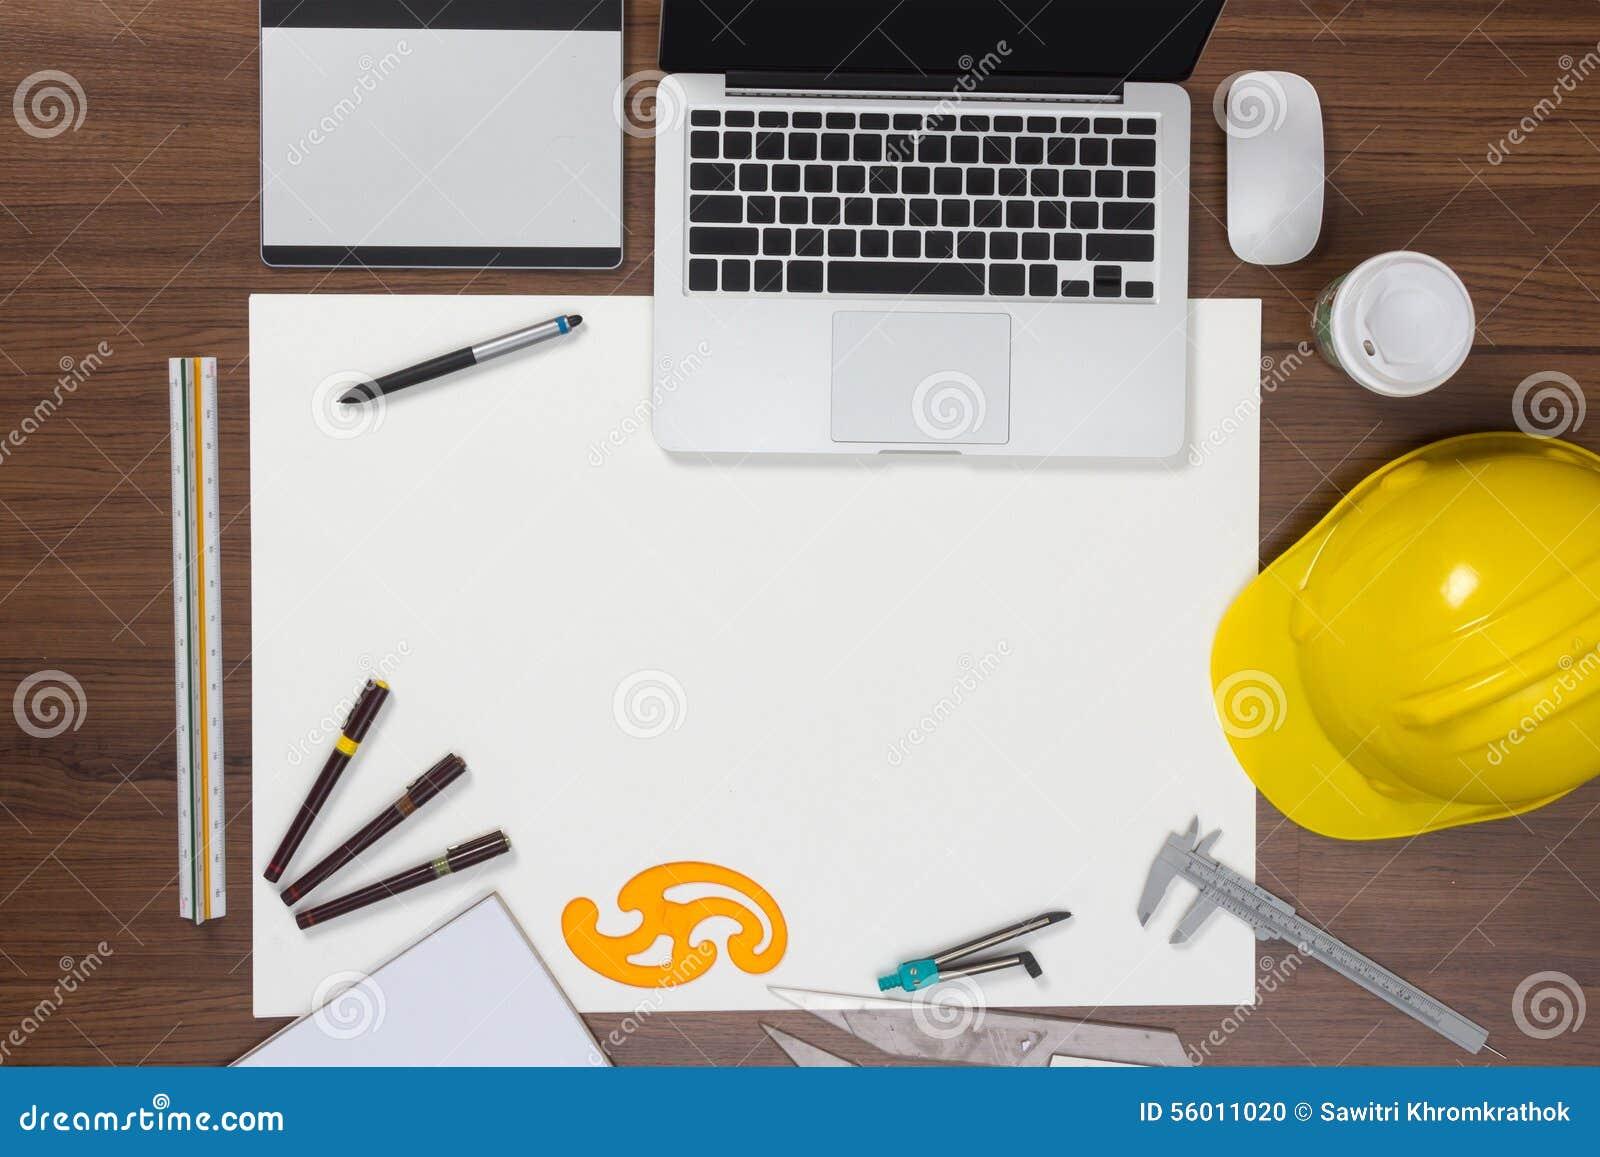 Bakgrund för kontorsskrivbord med konstruktionsprojekt